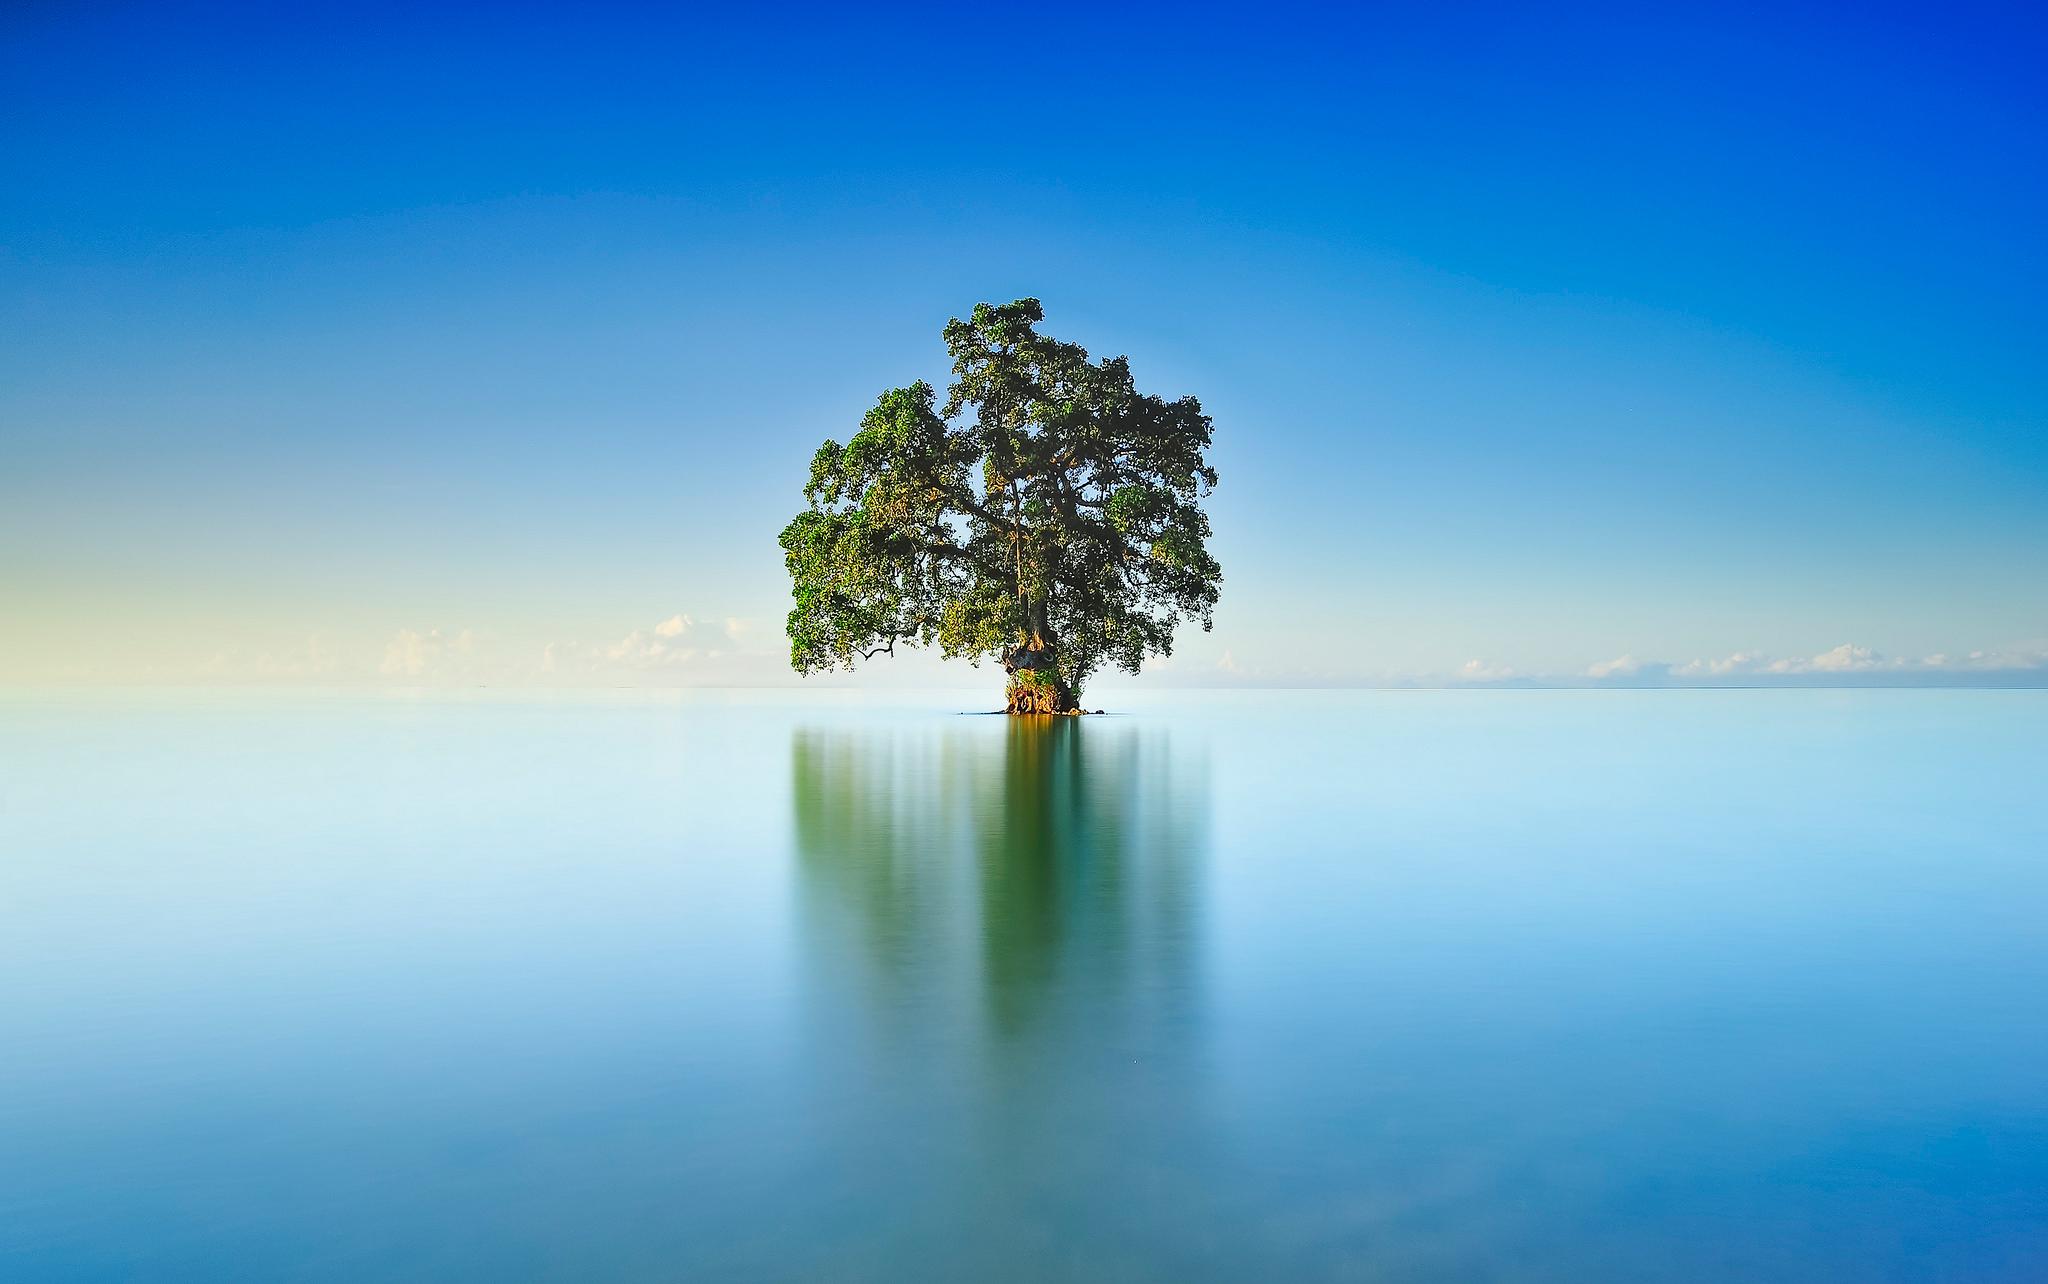 небо, вода, деревья  № 2487102 без смс